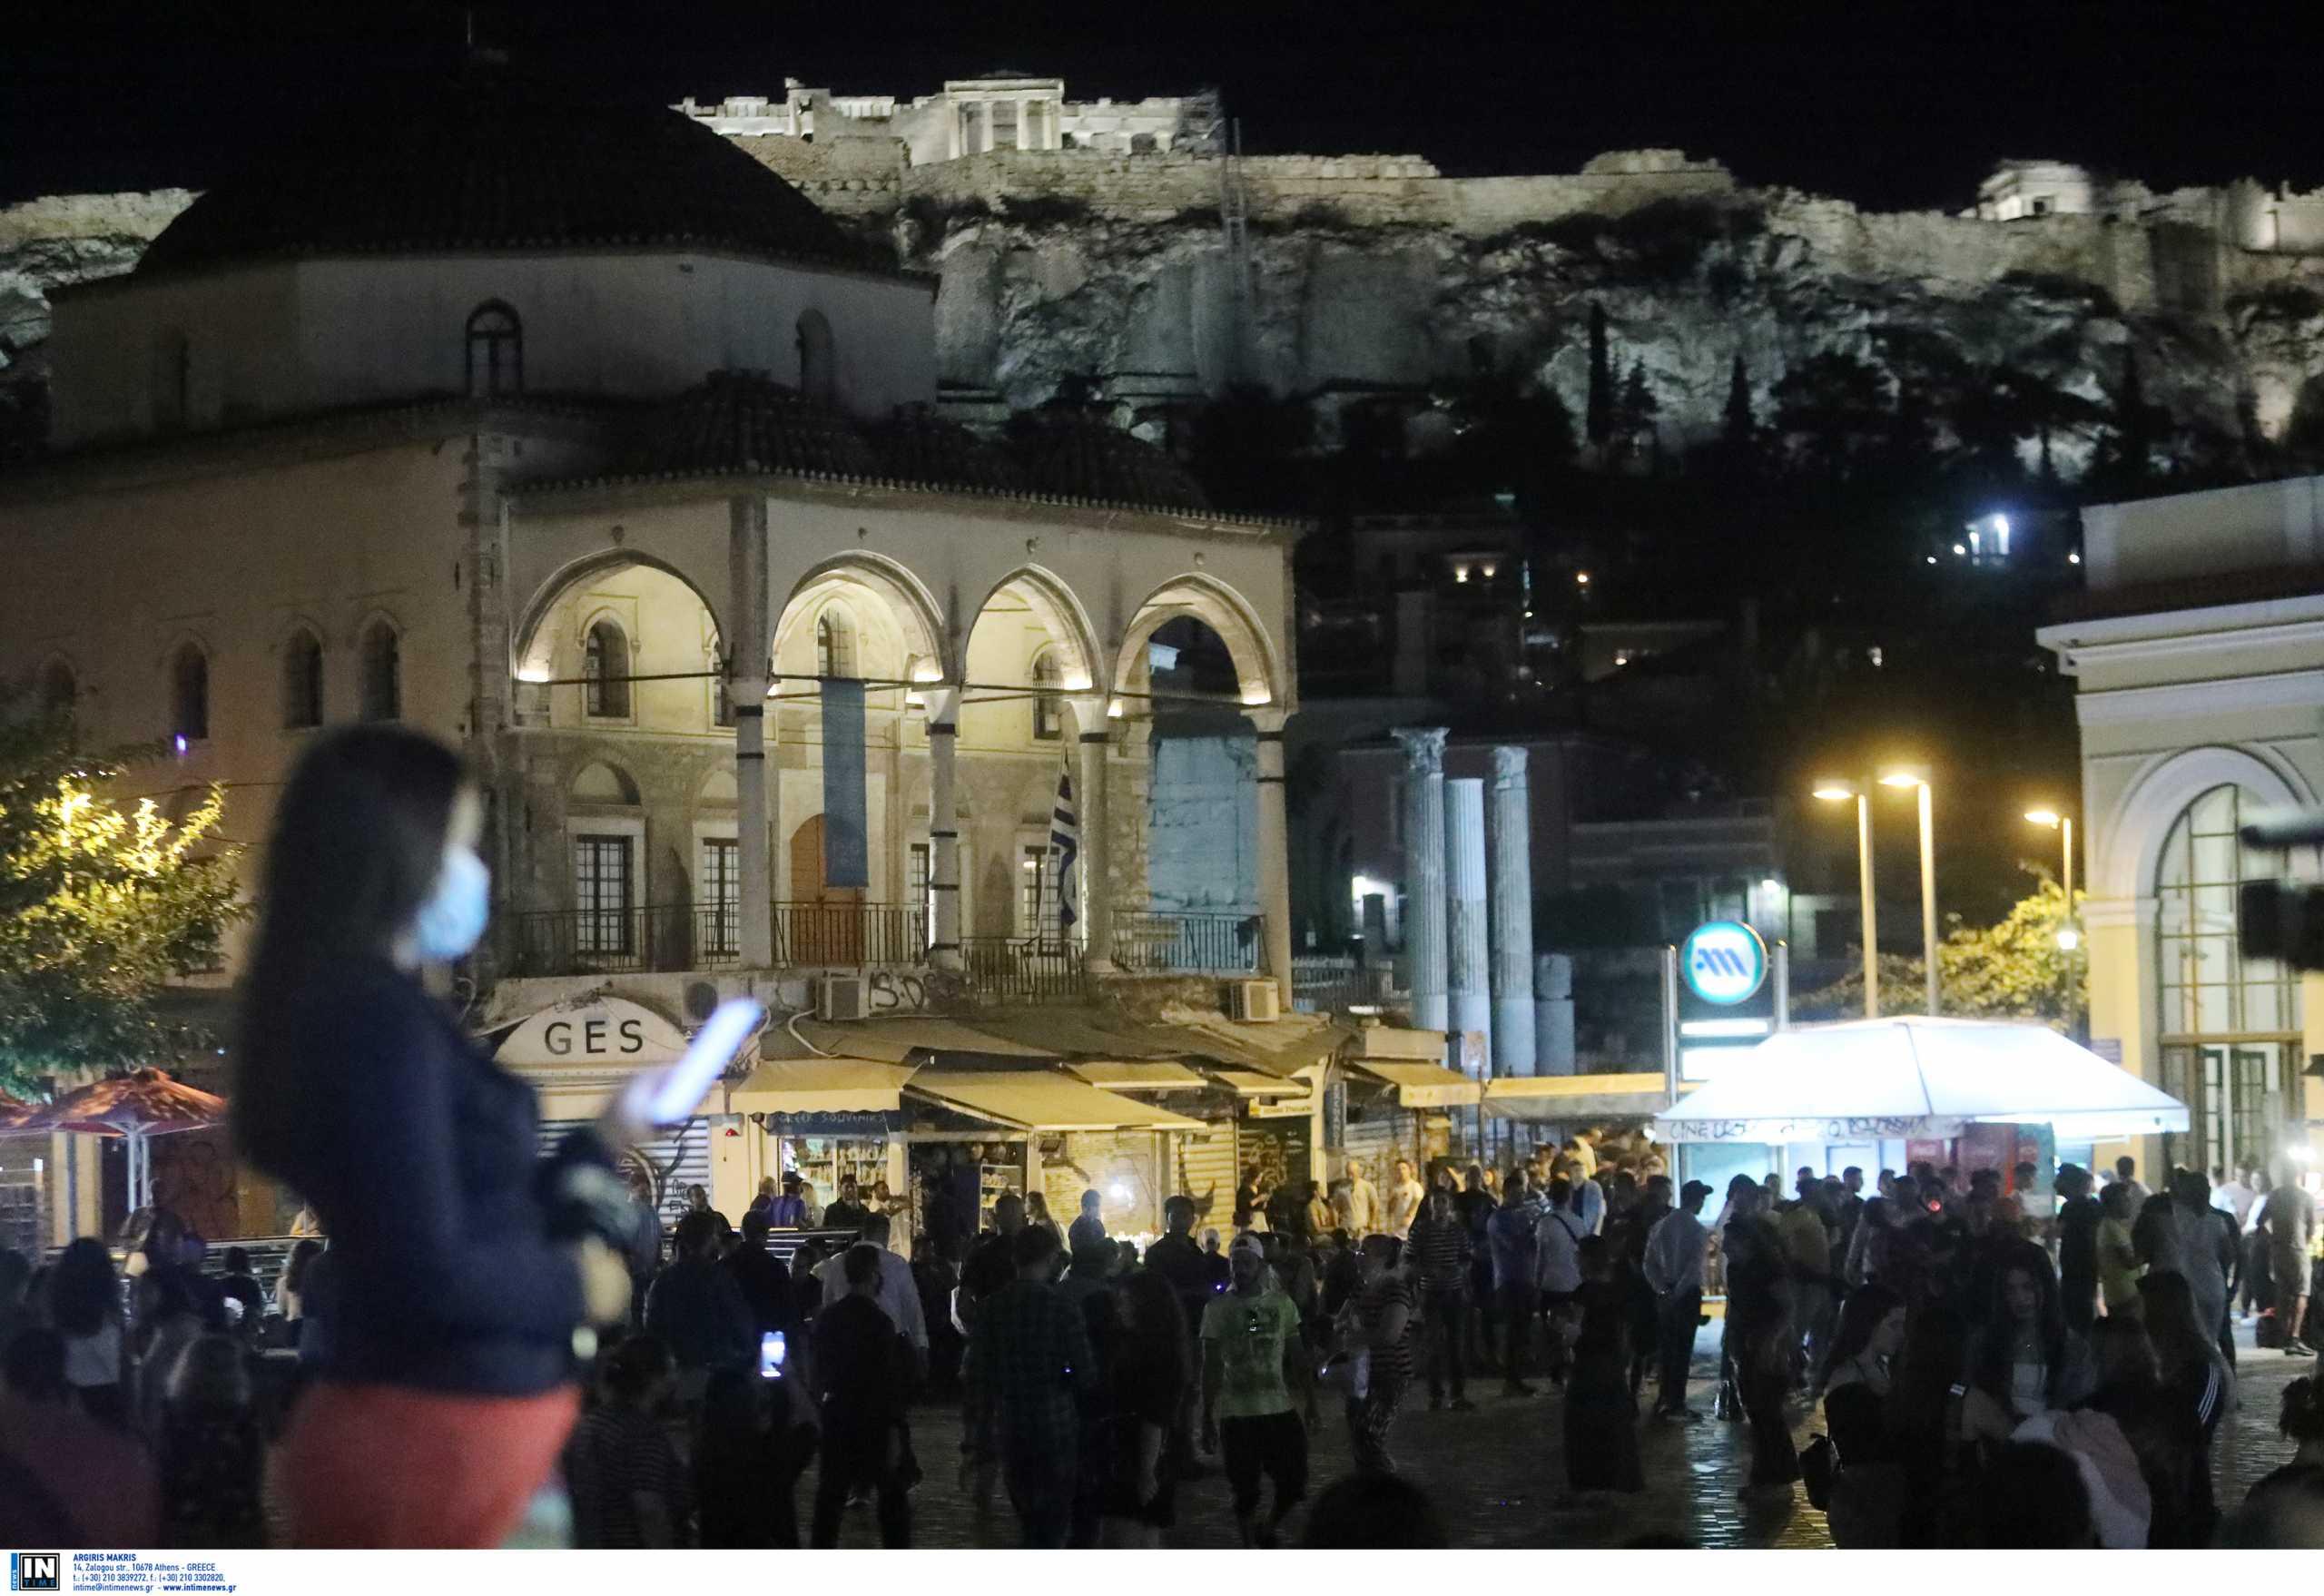 Κορονοϊός: Εξαπλώνεται ραγδαία η μετάλλαξη που ξεκίνησε από το κέντρο της Αθήνας και αντιστέκεται στα εμβόλια